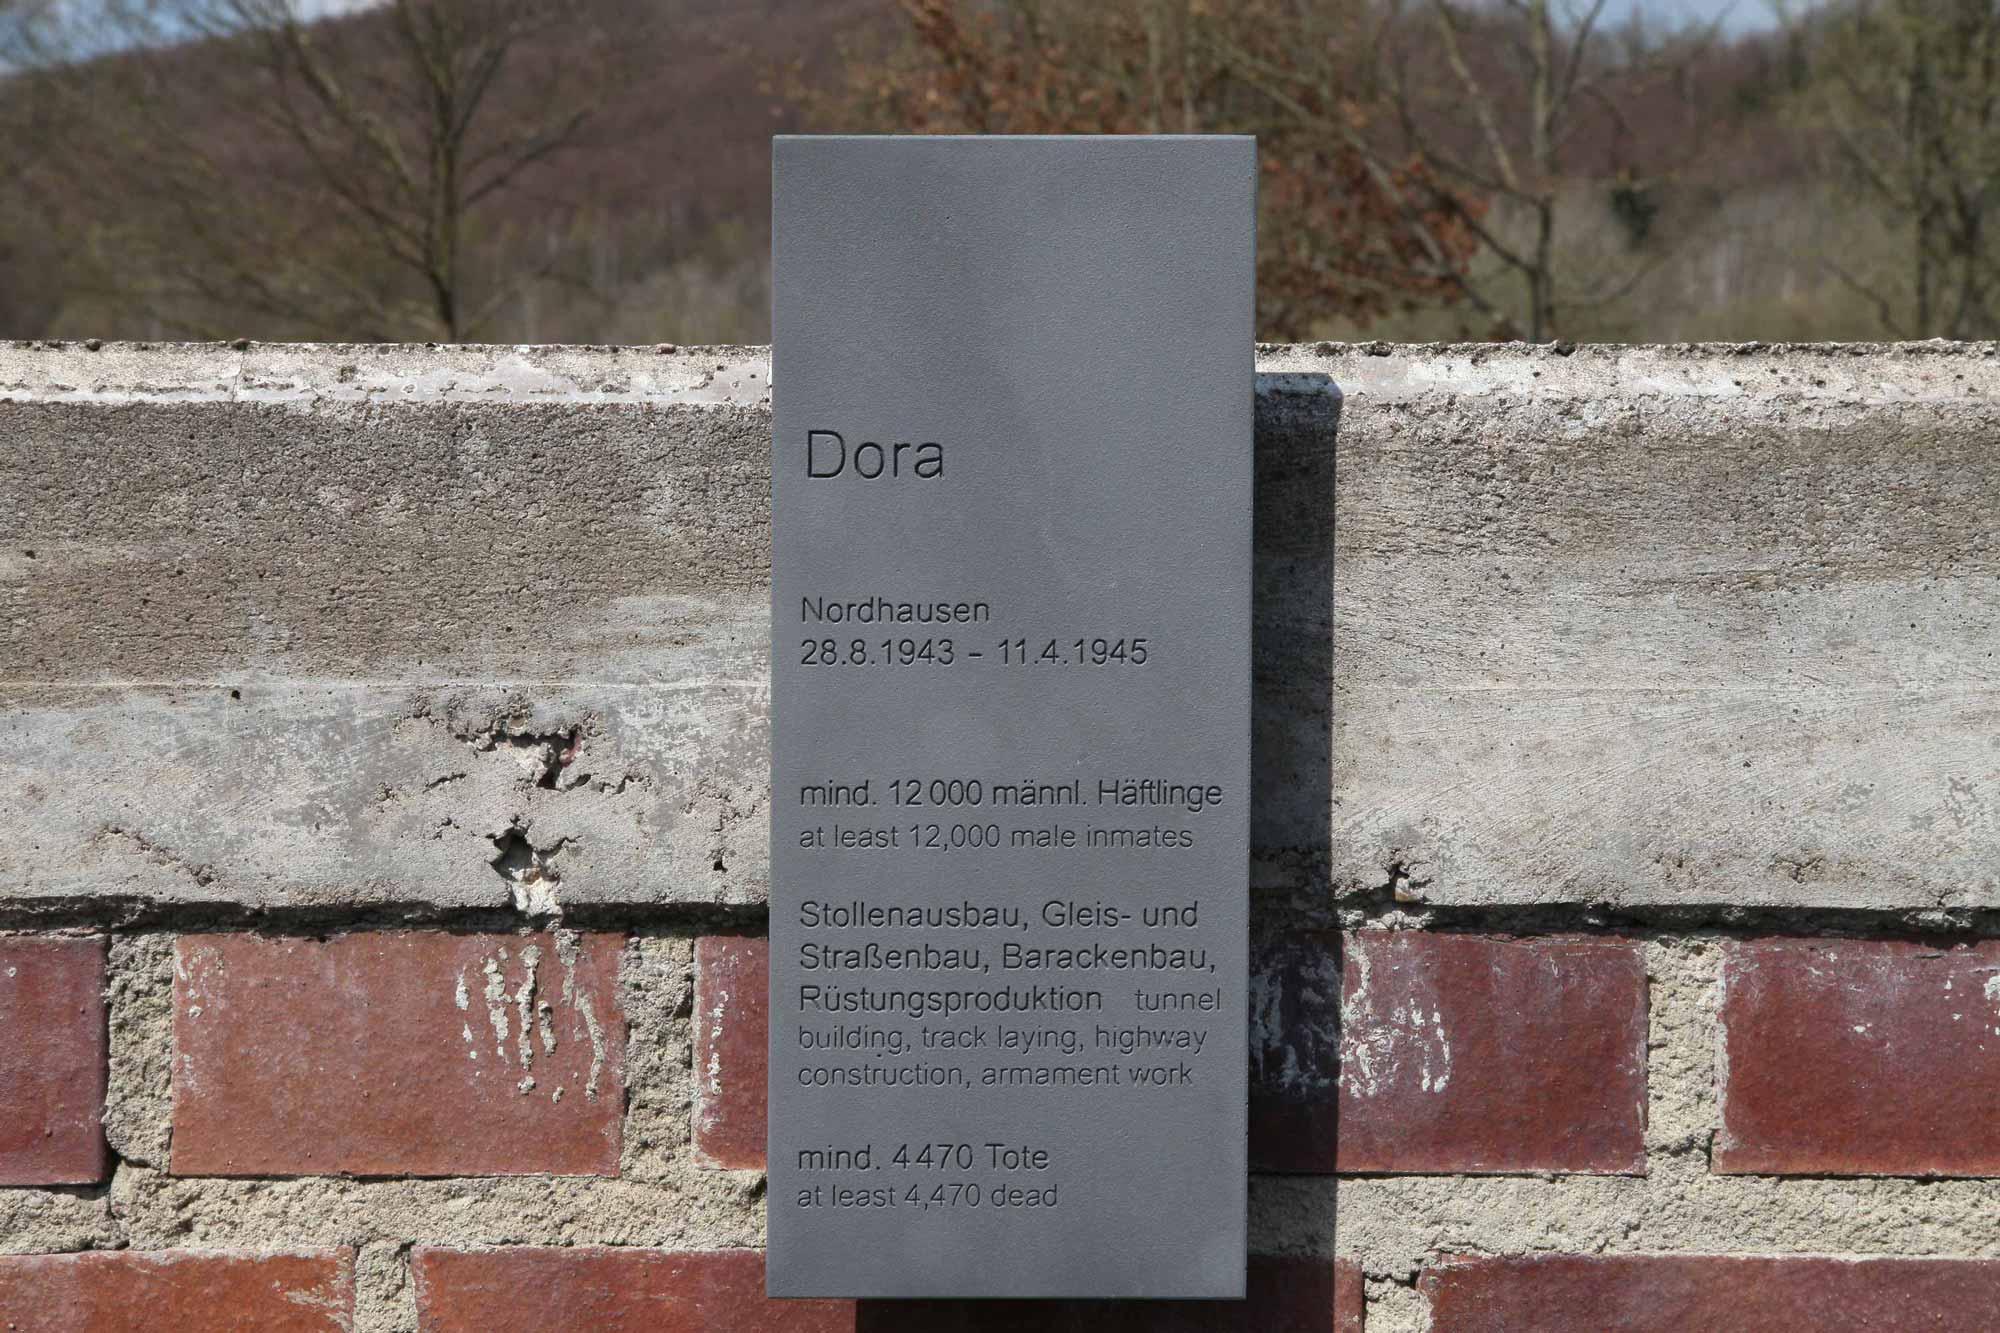 Station Dora auf dem Weg der Erinnerung